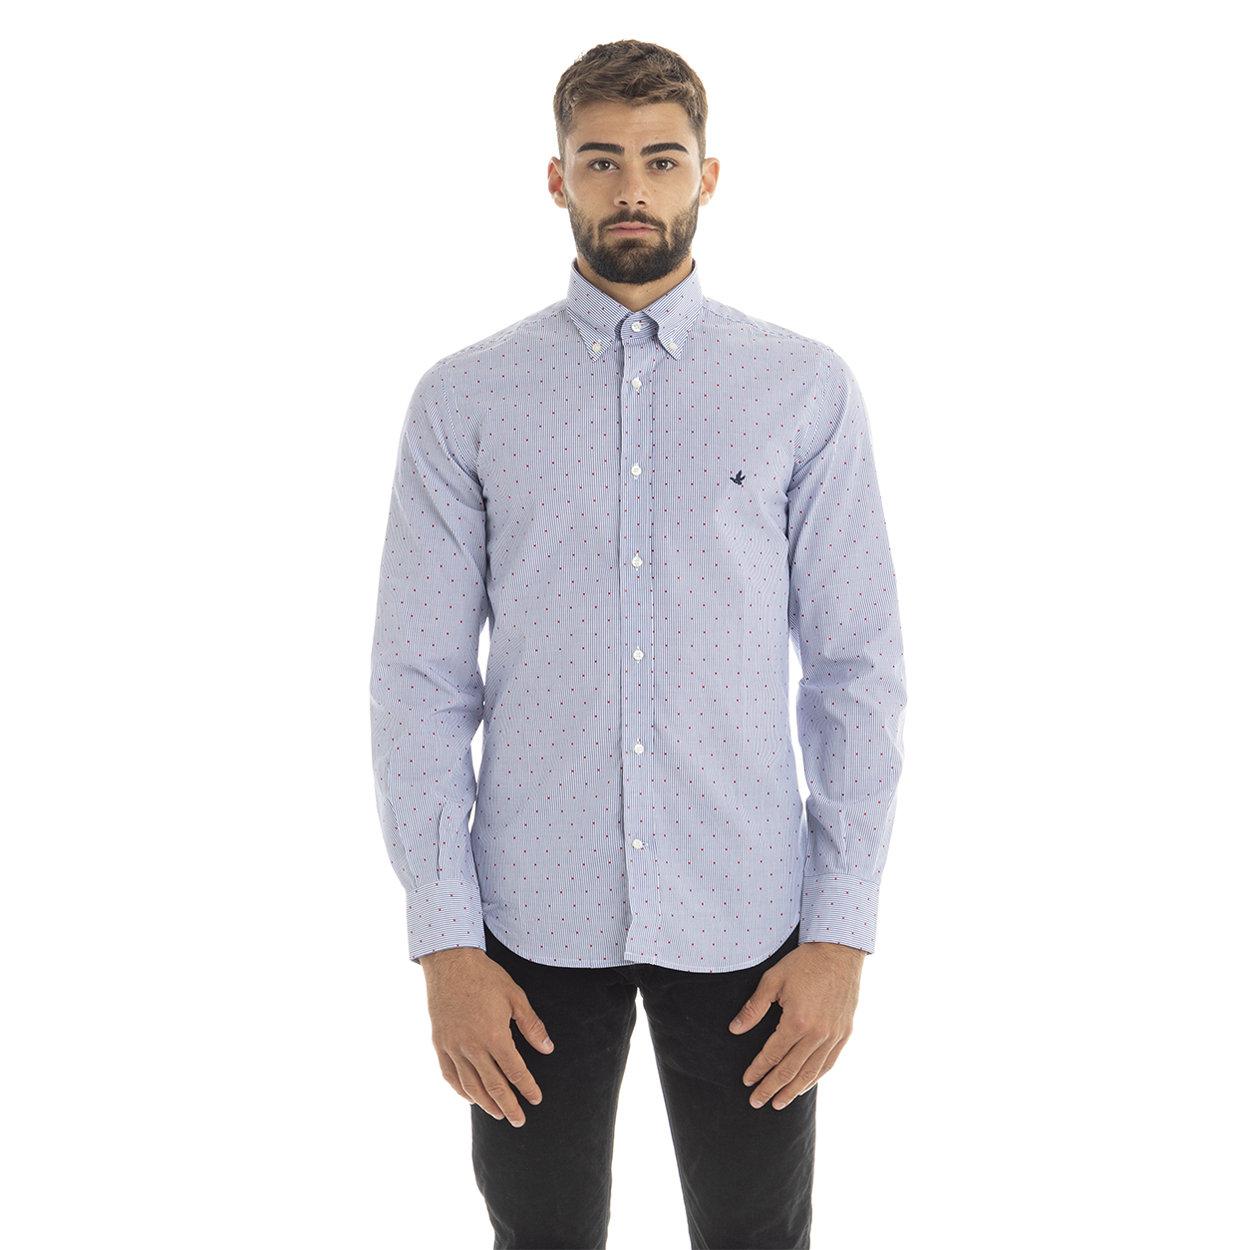 Brooksfield Camicia slim fit con collo button down in cotone